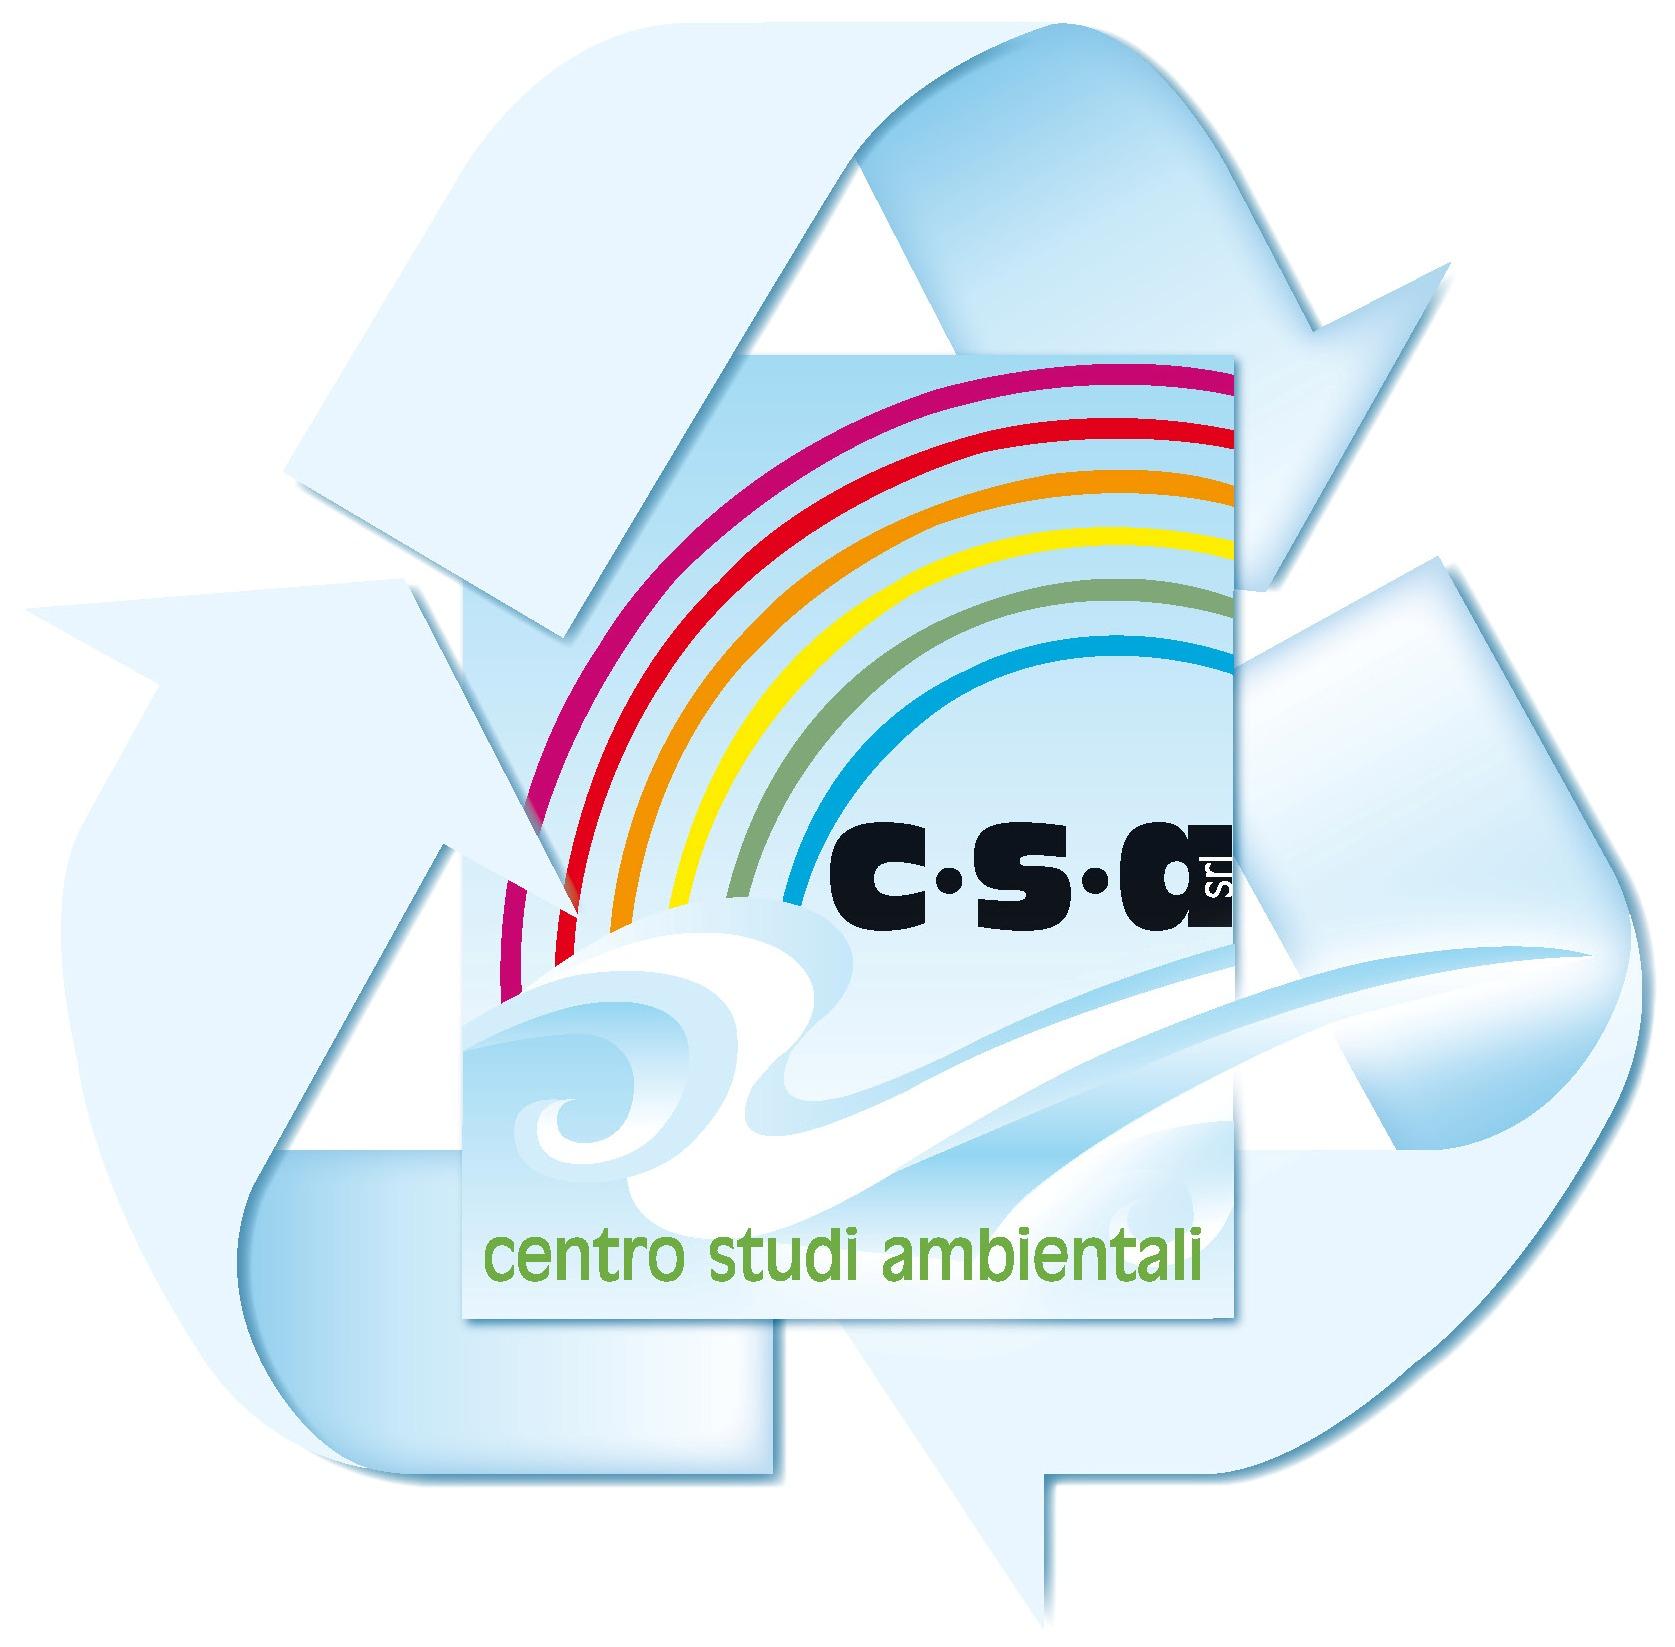 Carica il tuo logo